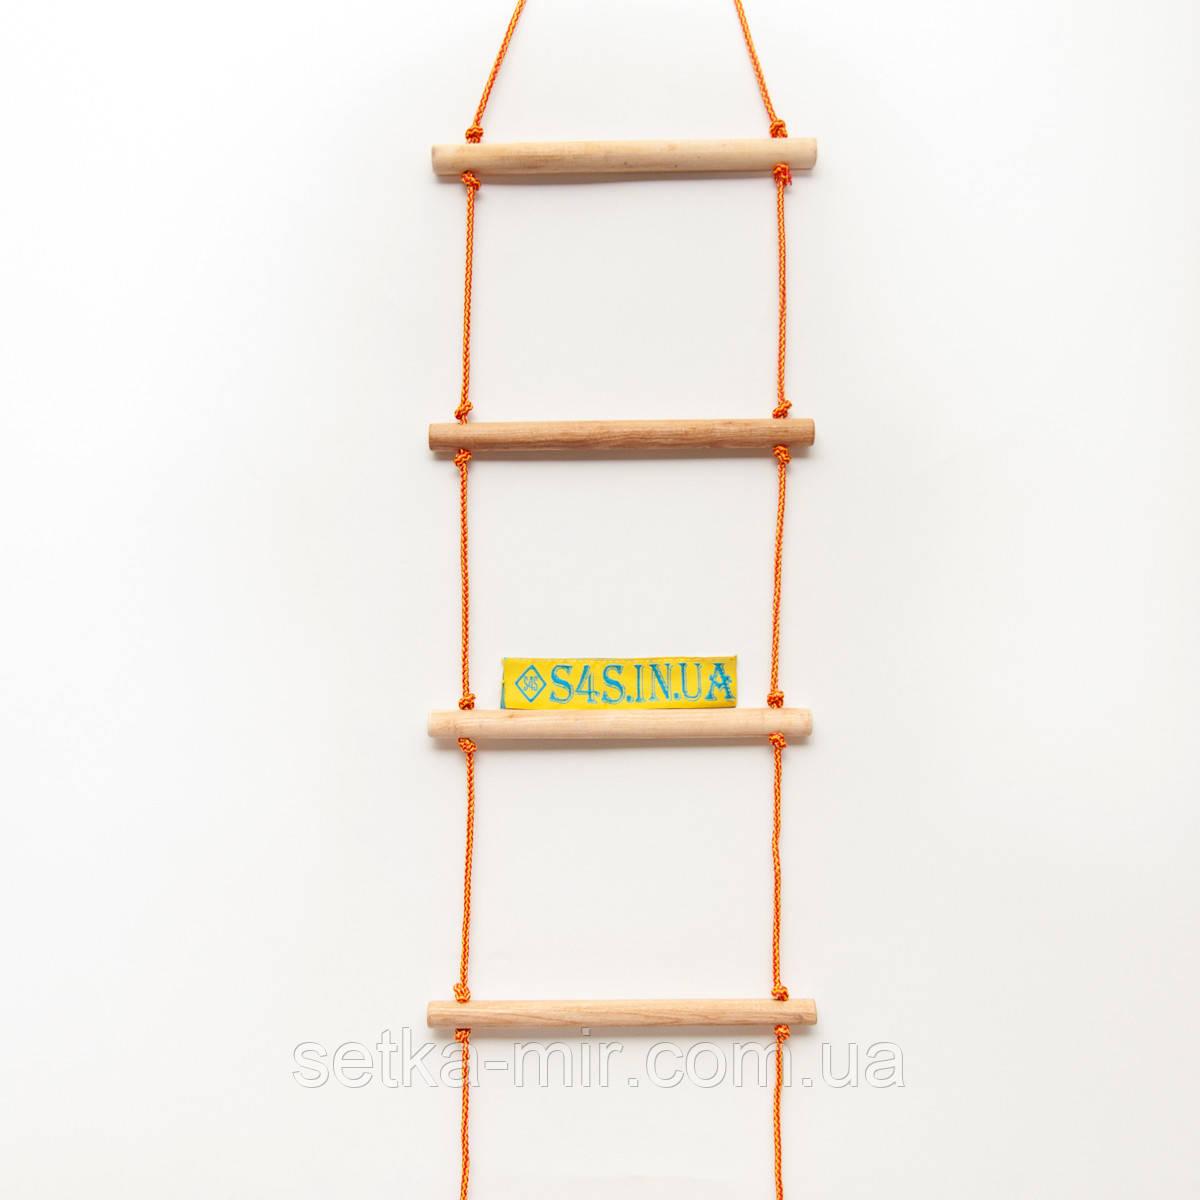 Лестница подвесная детская верёвочная лестница для шведской стенки деревянная «ЭКОНОМ. БОГАТЫРЬ»